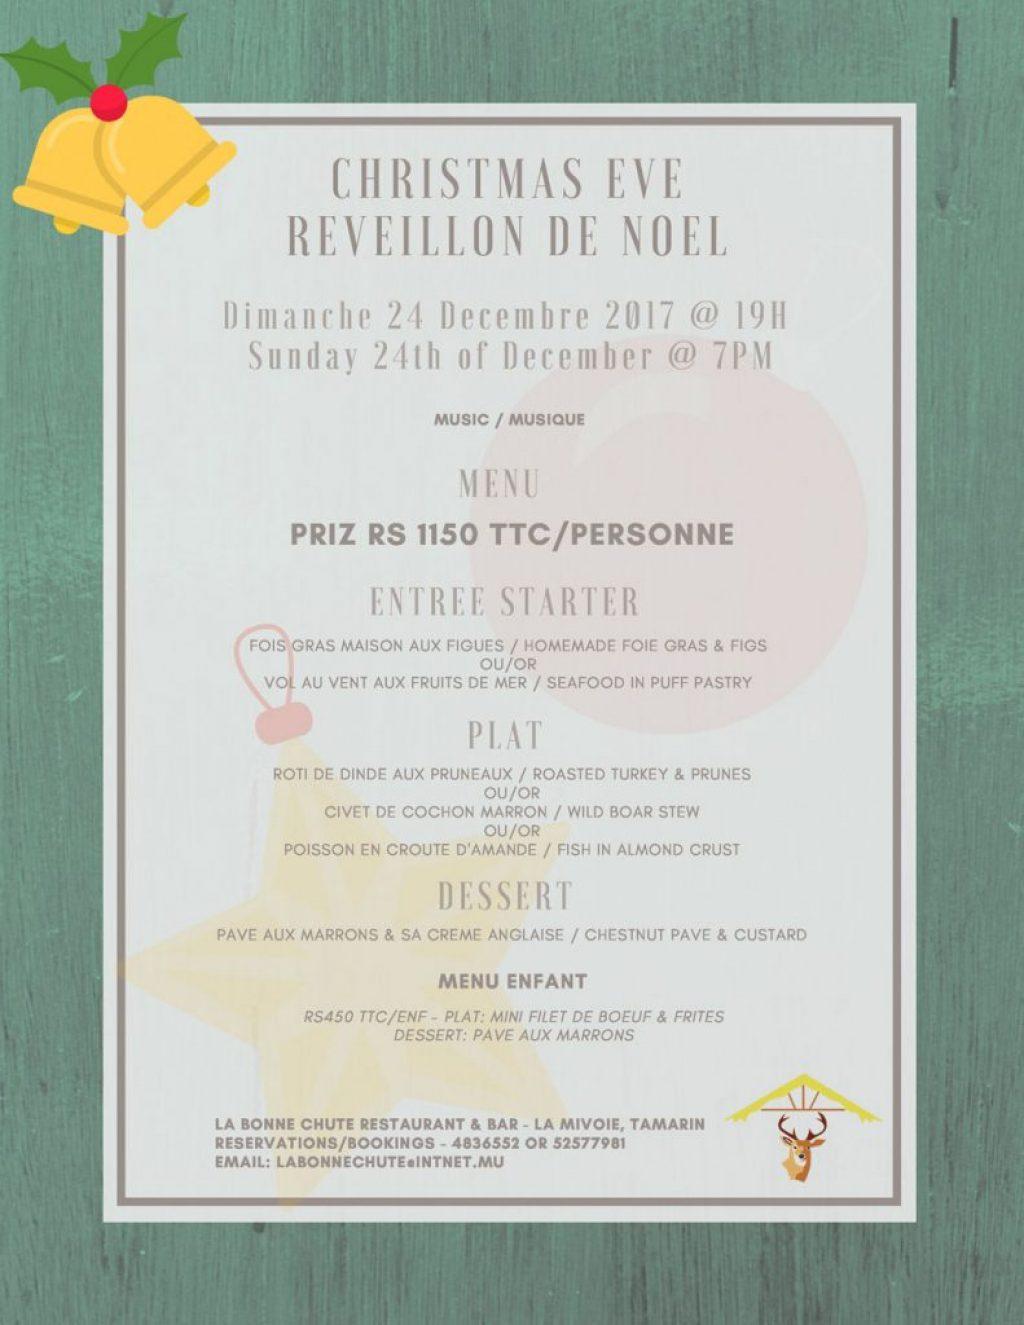 Menu Reveillon De Noel.Restaurants Mauritius La Bonne Chute Christmas Eve